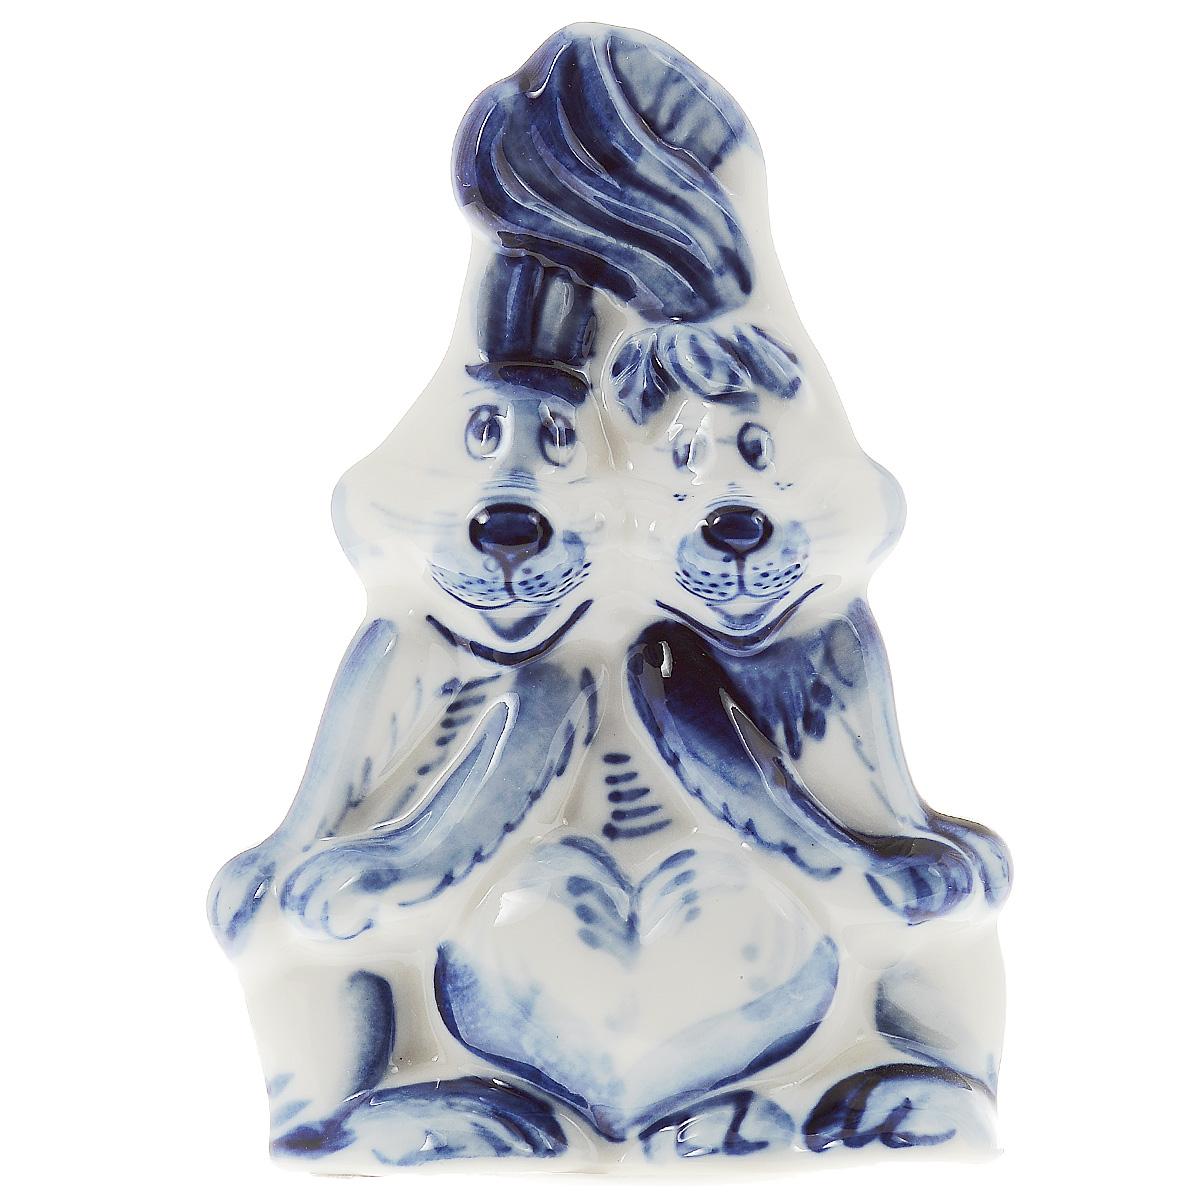 Скульптура Влюбленные зайчата, цвет: белый, синий, 11 см. 993150501993150501Скульптура Влюбленные зайчата, изготовленная из фарфора, доставит истинное удовольствие ценителям прекрасного. Изделие выполнено в виде двух зайчат и расписано вручную в стиле гжель. Яркий дизайн, несомненно, придется вам по вкусу. Скульптура Влюбленные зайчата украсит ваш дом, а также станет замечательным подарком к любому празднику. Размеры скульптуры: 7 см х 3,5 см х 11 см.